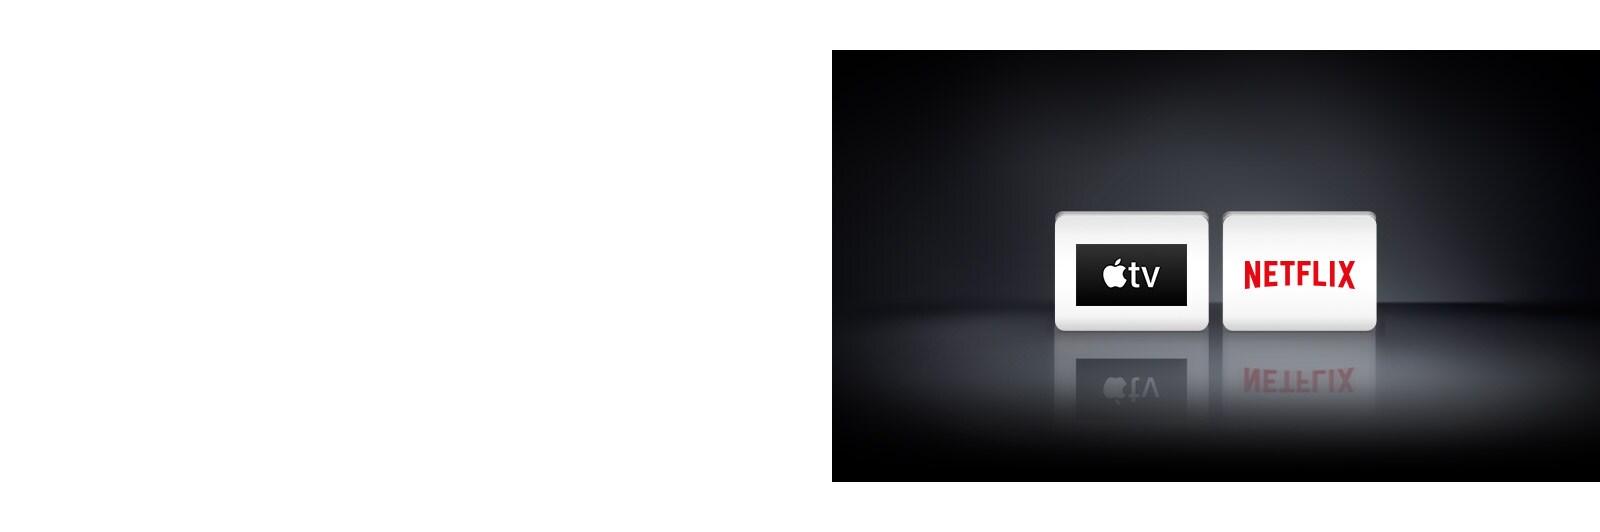 Dva logotipa aplikacija prikazana slijeva nadesno: aplikacija Apple TV i Netflix